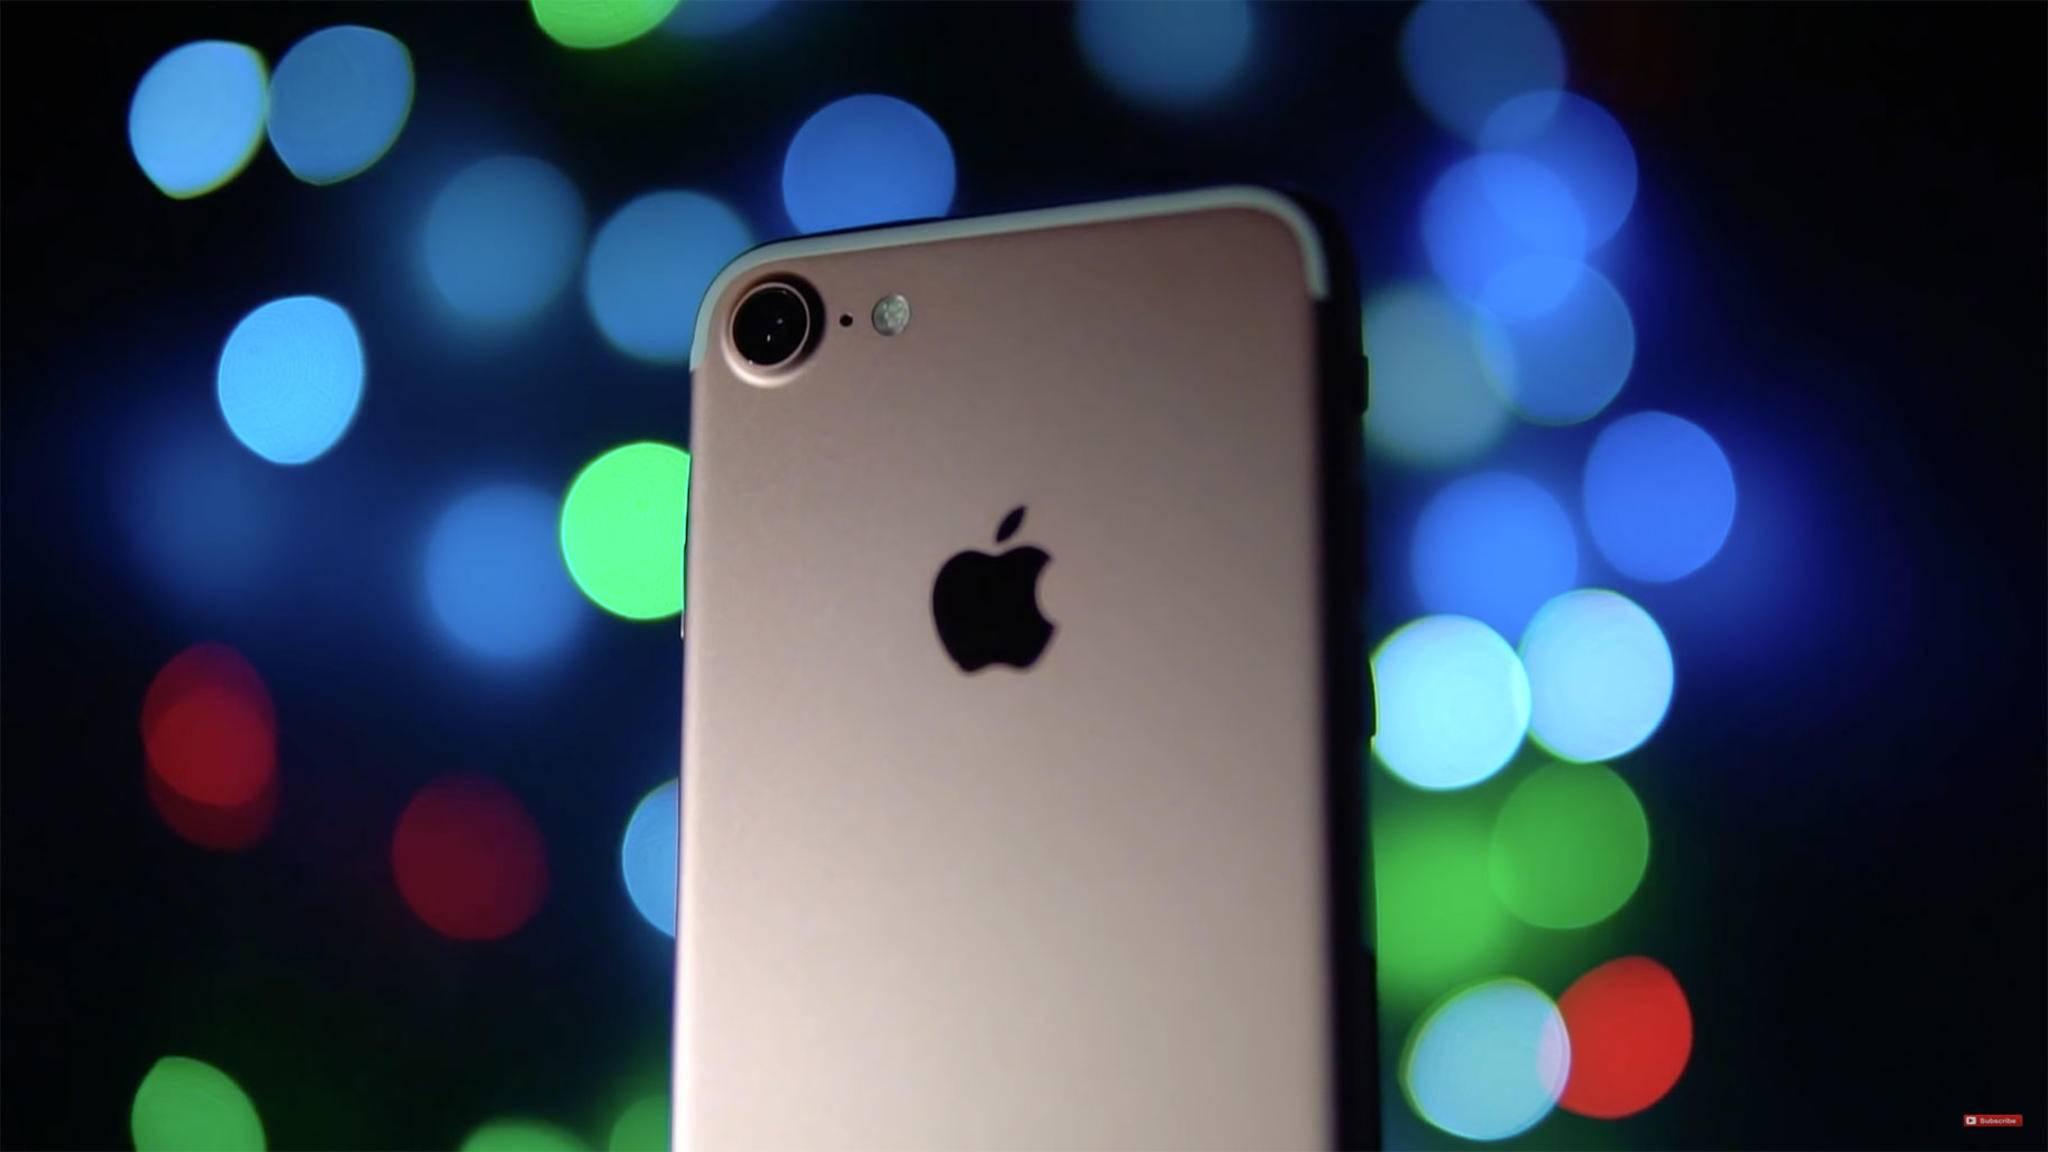 Schlechte Akkulaufzeit oder Probleme beim iCloud-Backup? Hier findest Du Lösungen für einige bekannte Probleme auf dem iPhone 7.